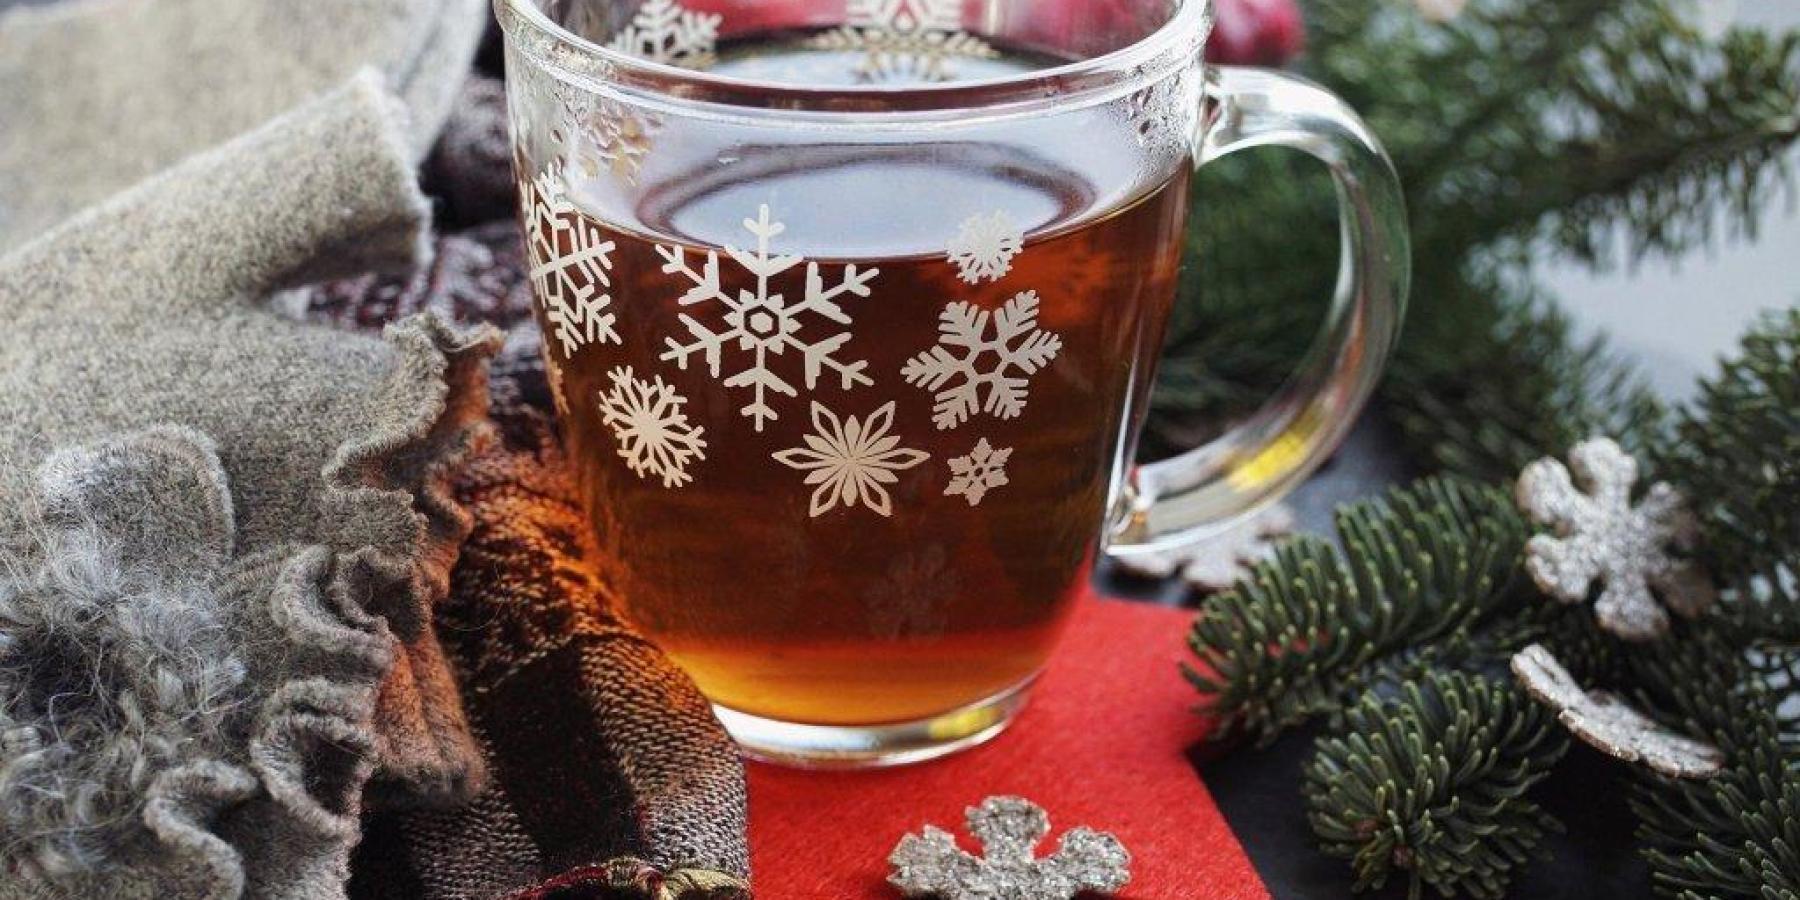 Mittwochstreff: Advent und Weihnachten in Münster